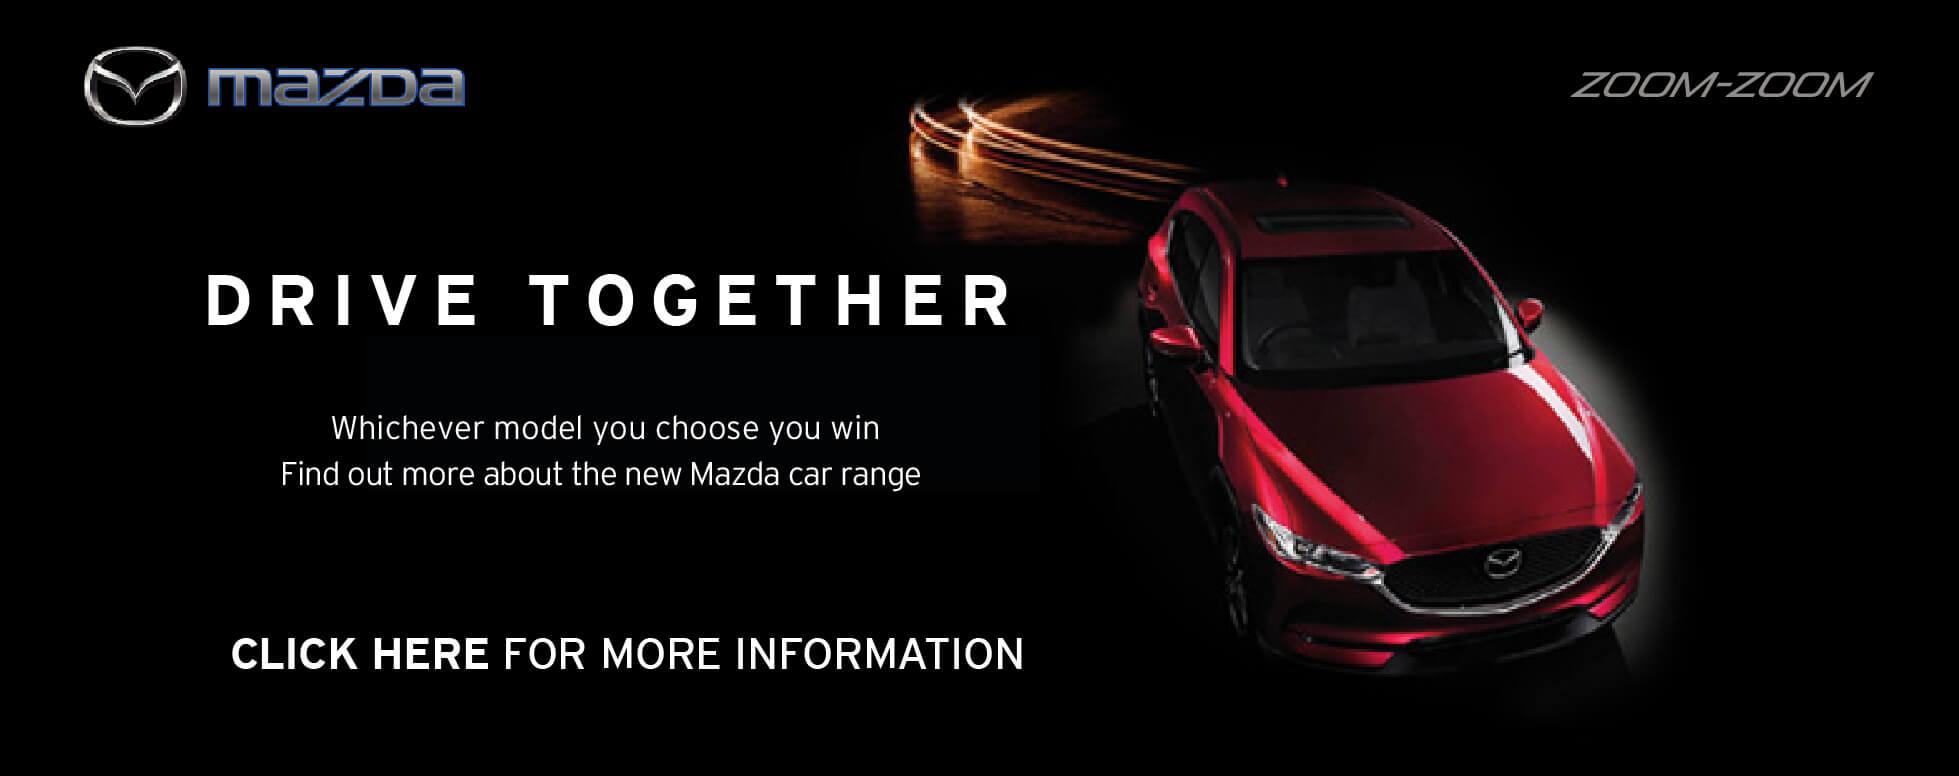 Mazda MX-5 deals | New Mazda MX-5 Cars for Sale | Macklin Motors